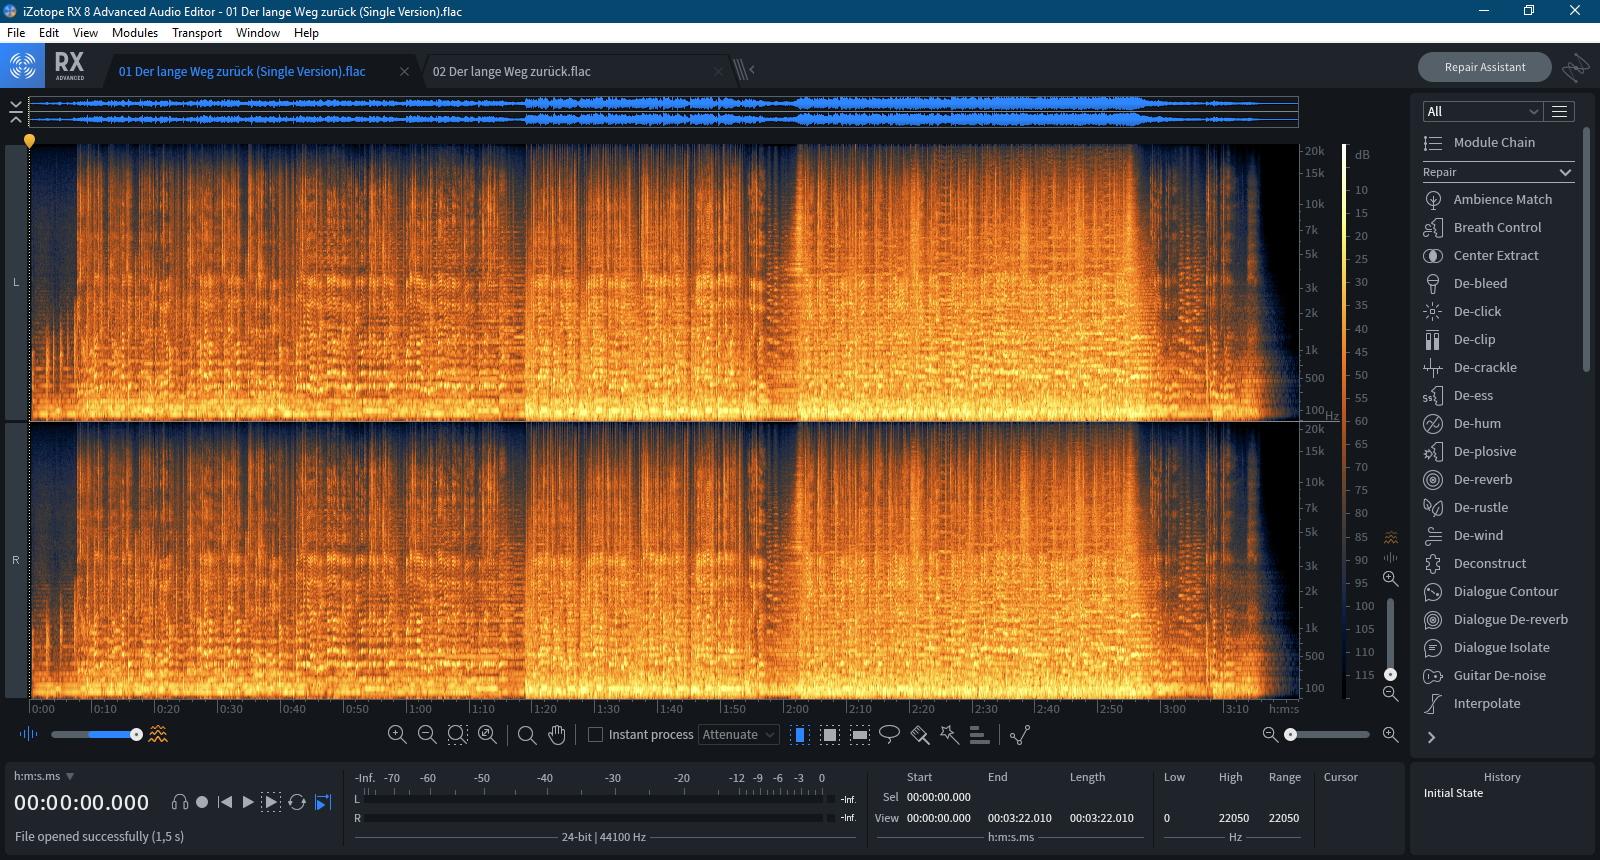 01 Der lange Weg zurück (Single Version) Spectrogram.jpg